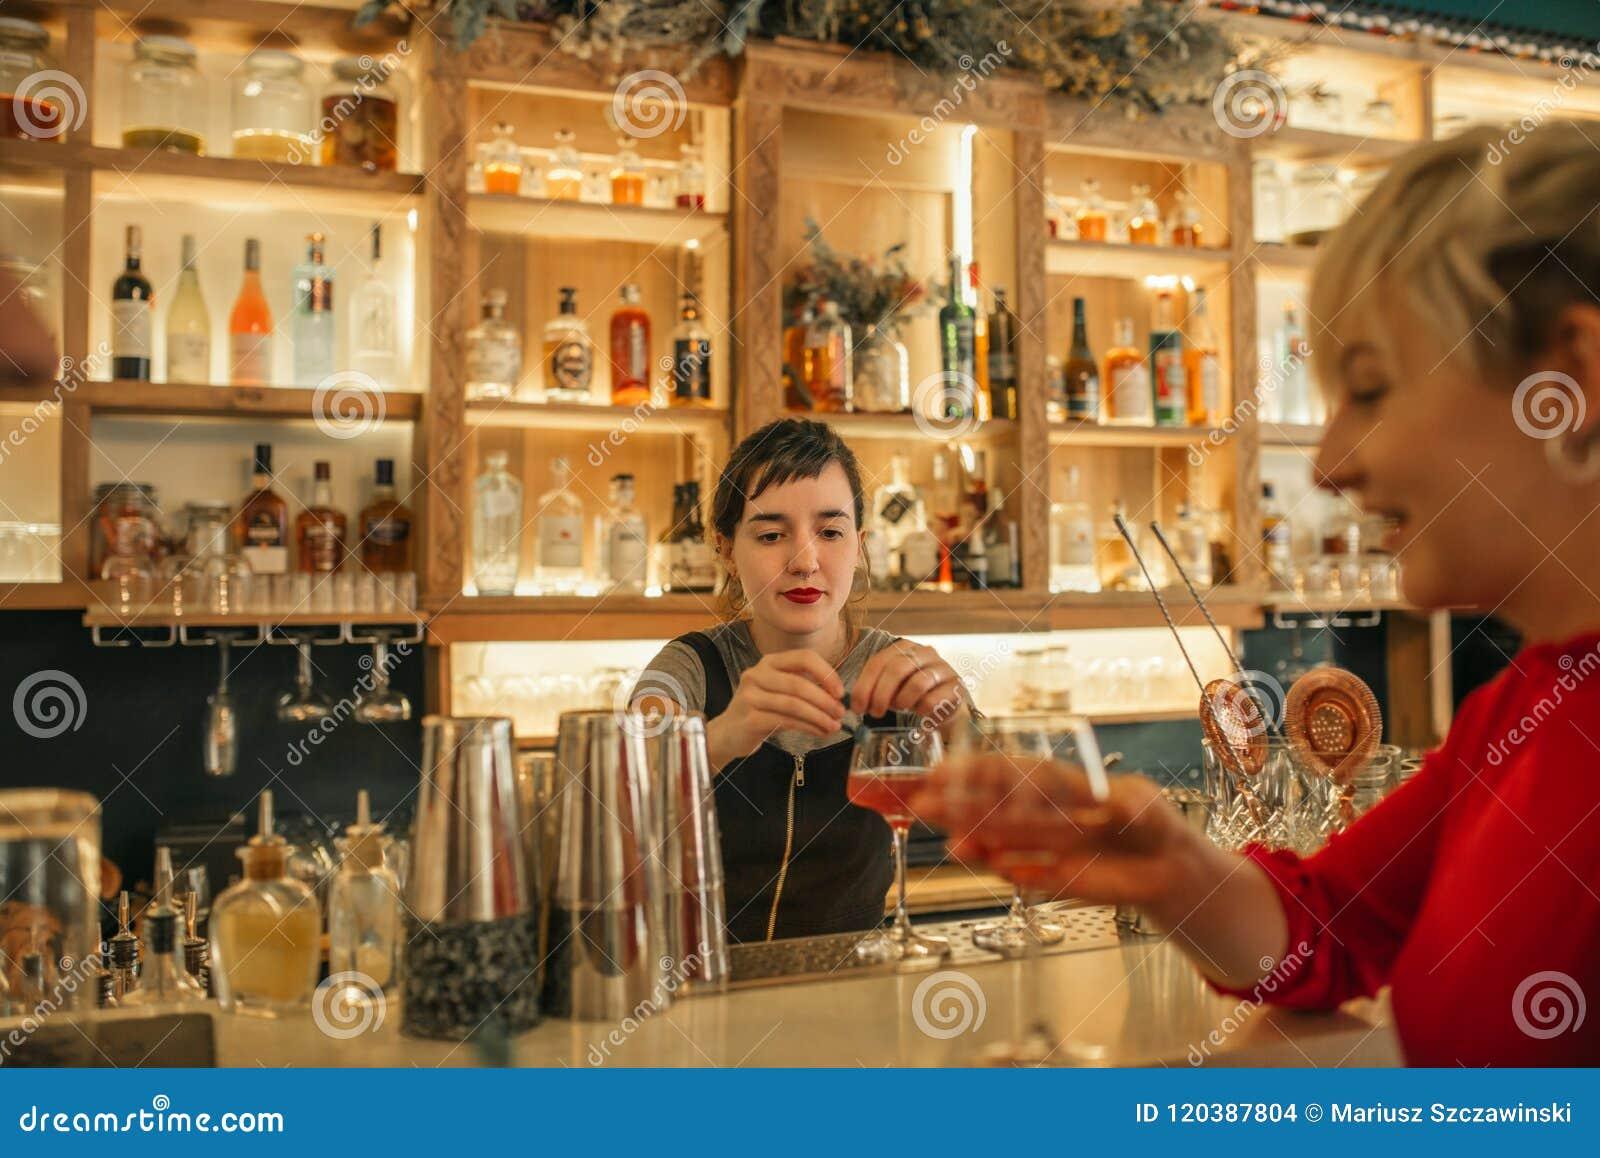 Jeune barman féminin faisant des cocktails derrière un compteur de barre